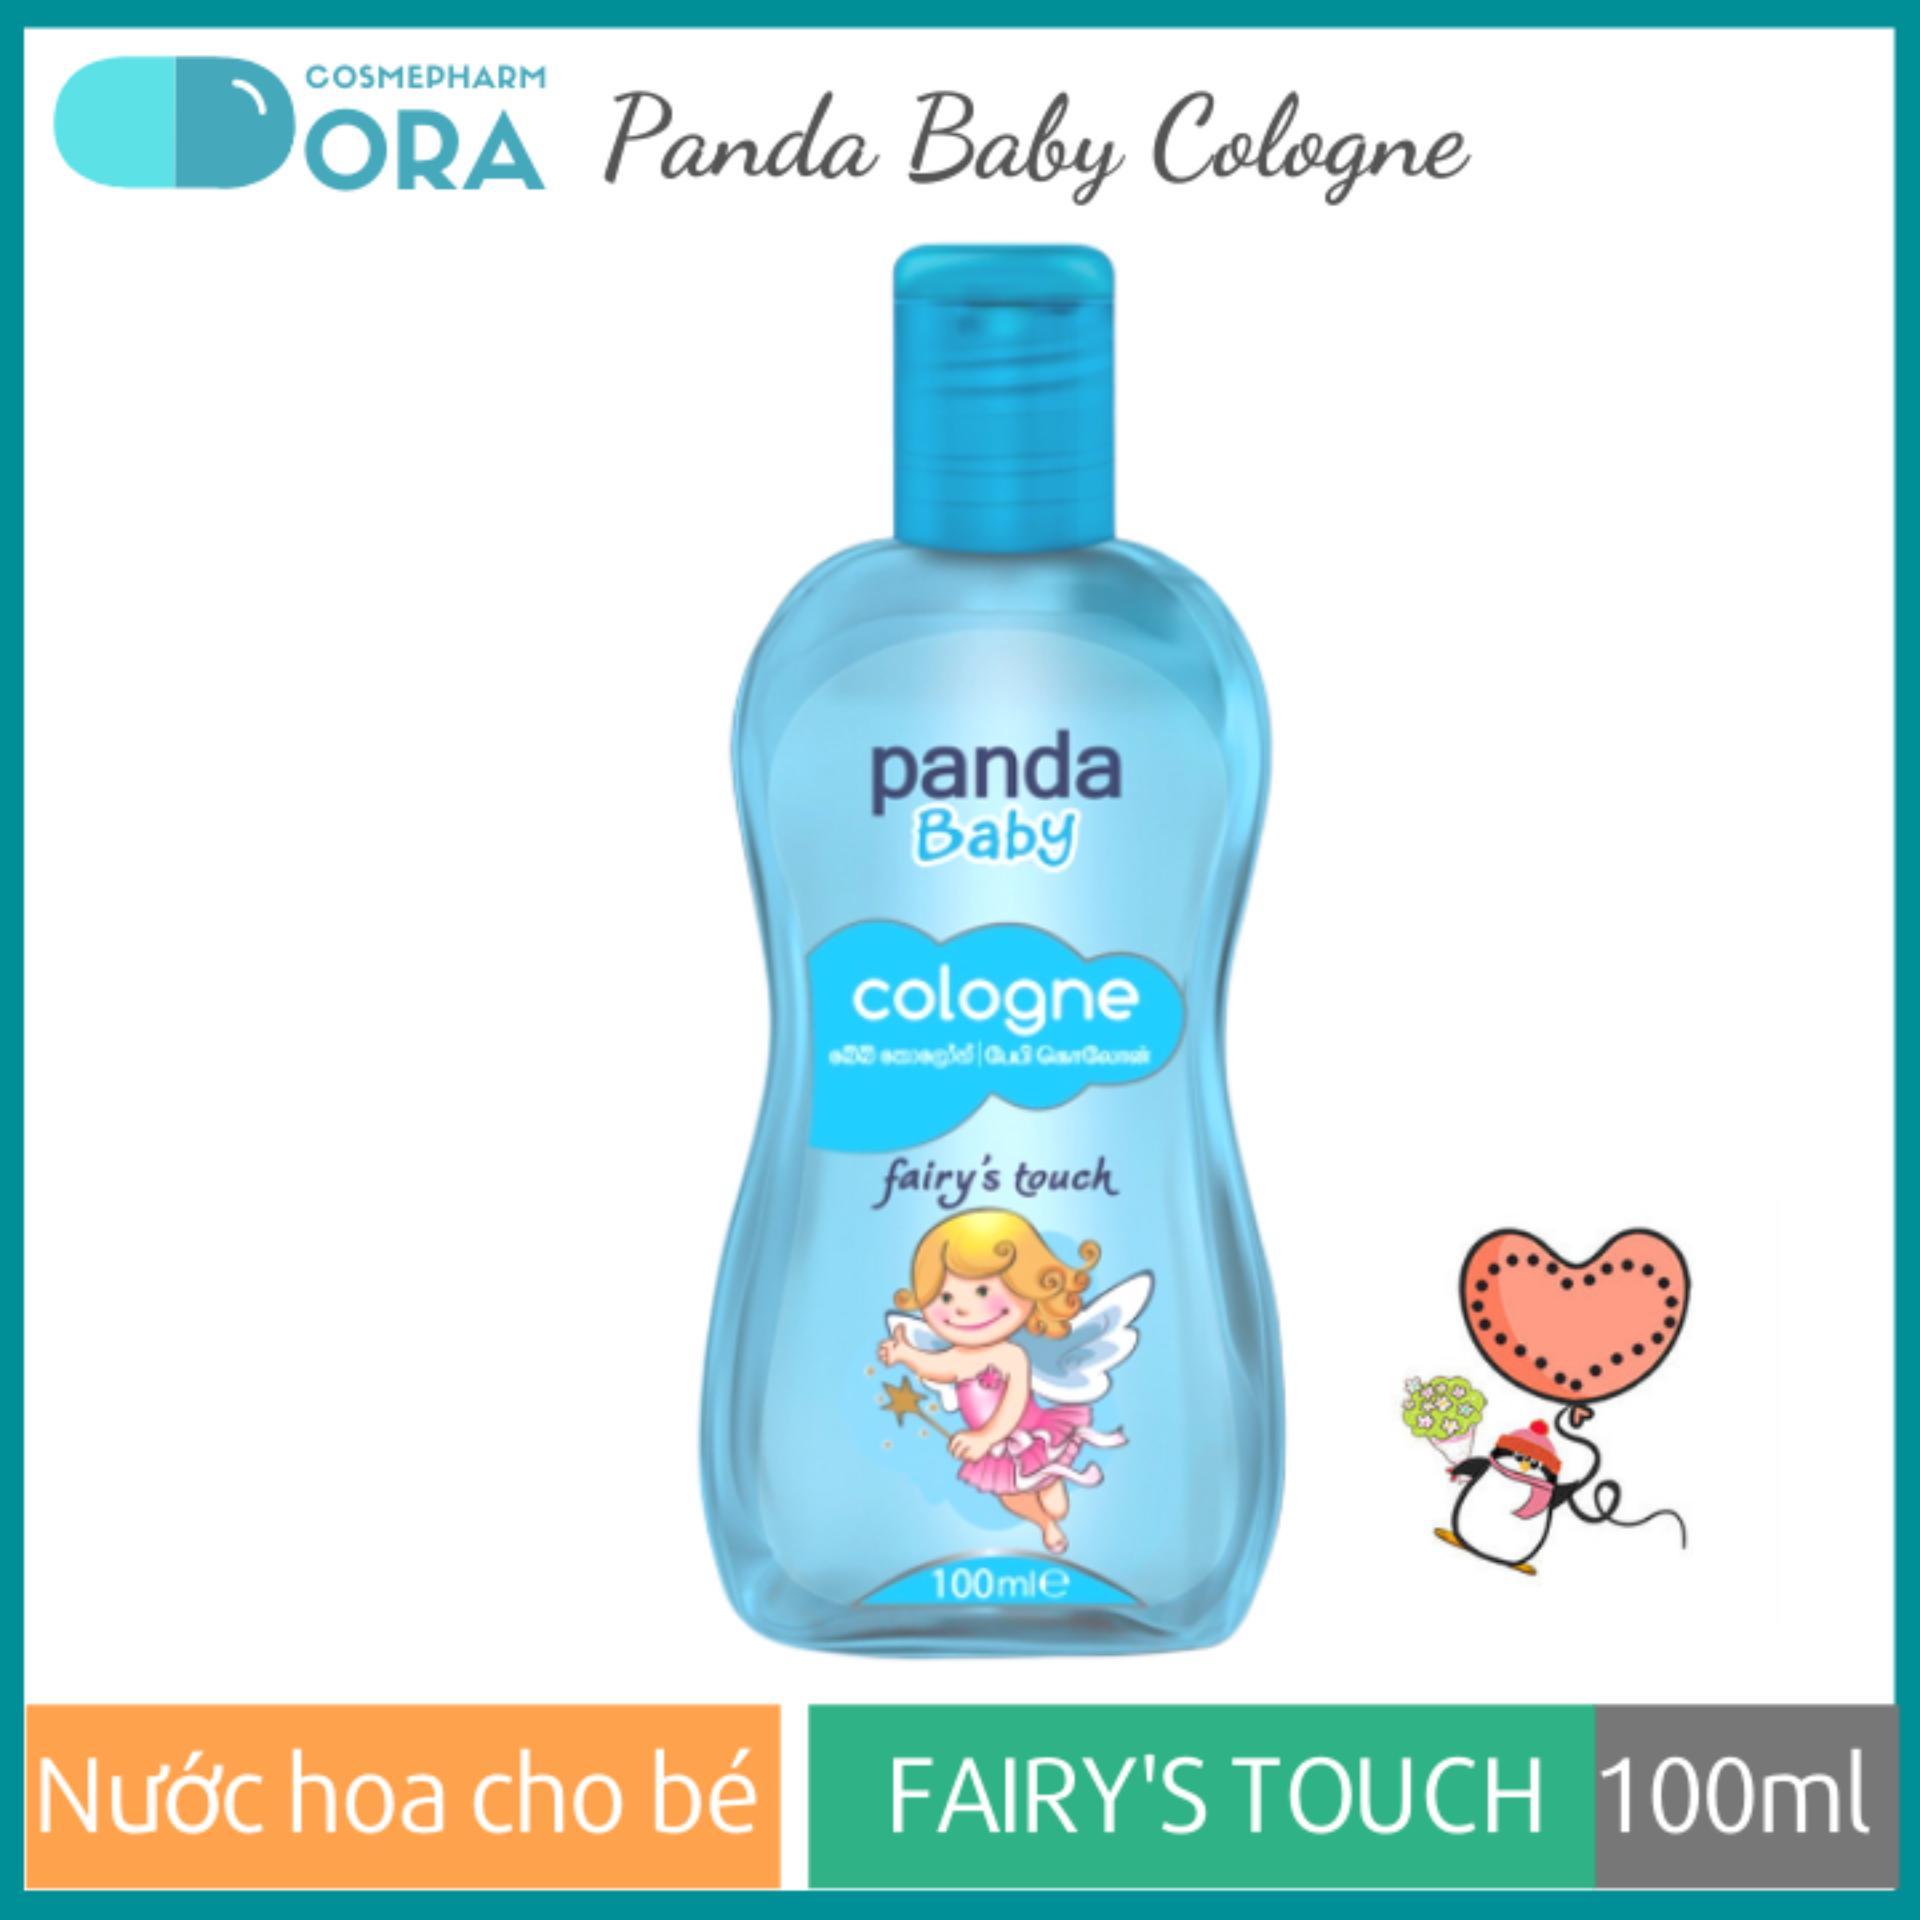 Giá Cực Tốt Khi Mua Nước Hoa Cho Bé Panda Baby Cologne Fairy's Touch 100ml